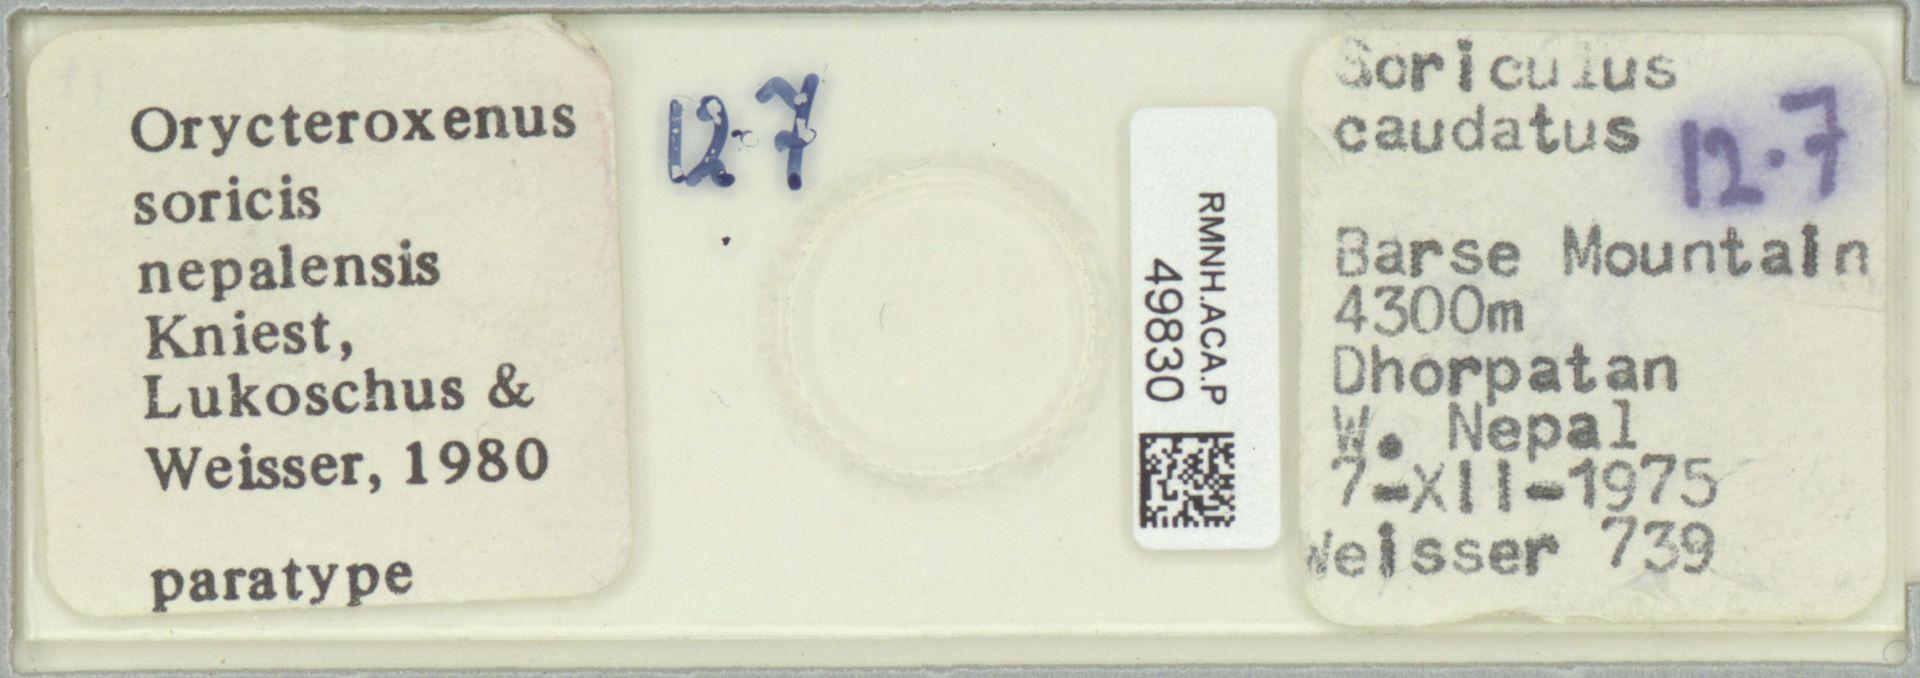 RMNH.ACA.P.49830   Orycteroxenus soricis nepalensis Kniest, Lukoschus & Weisser 1980